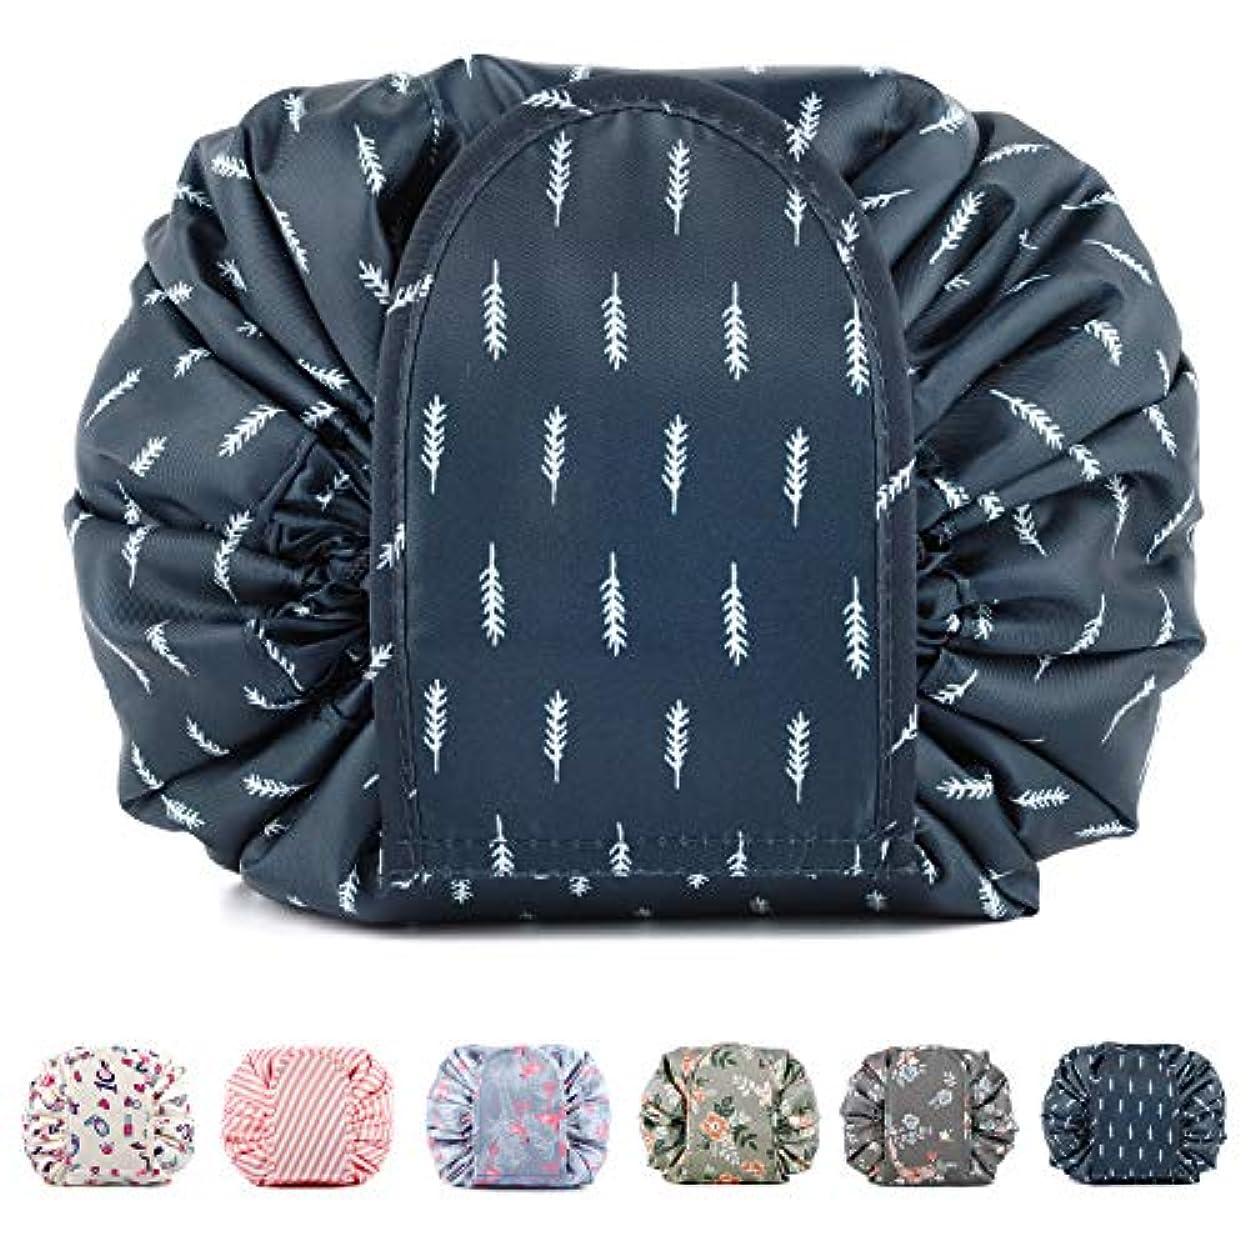 賞臭い集計Narweyレイジー化粧バッグ ドローストリングコスメティックバッグ 大容量 防水 トラベルケース 化粧品収納袋 メイクポータブルバッグ レディース